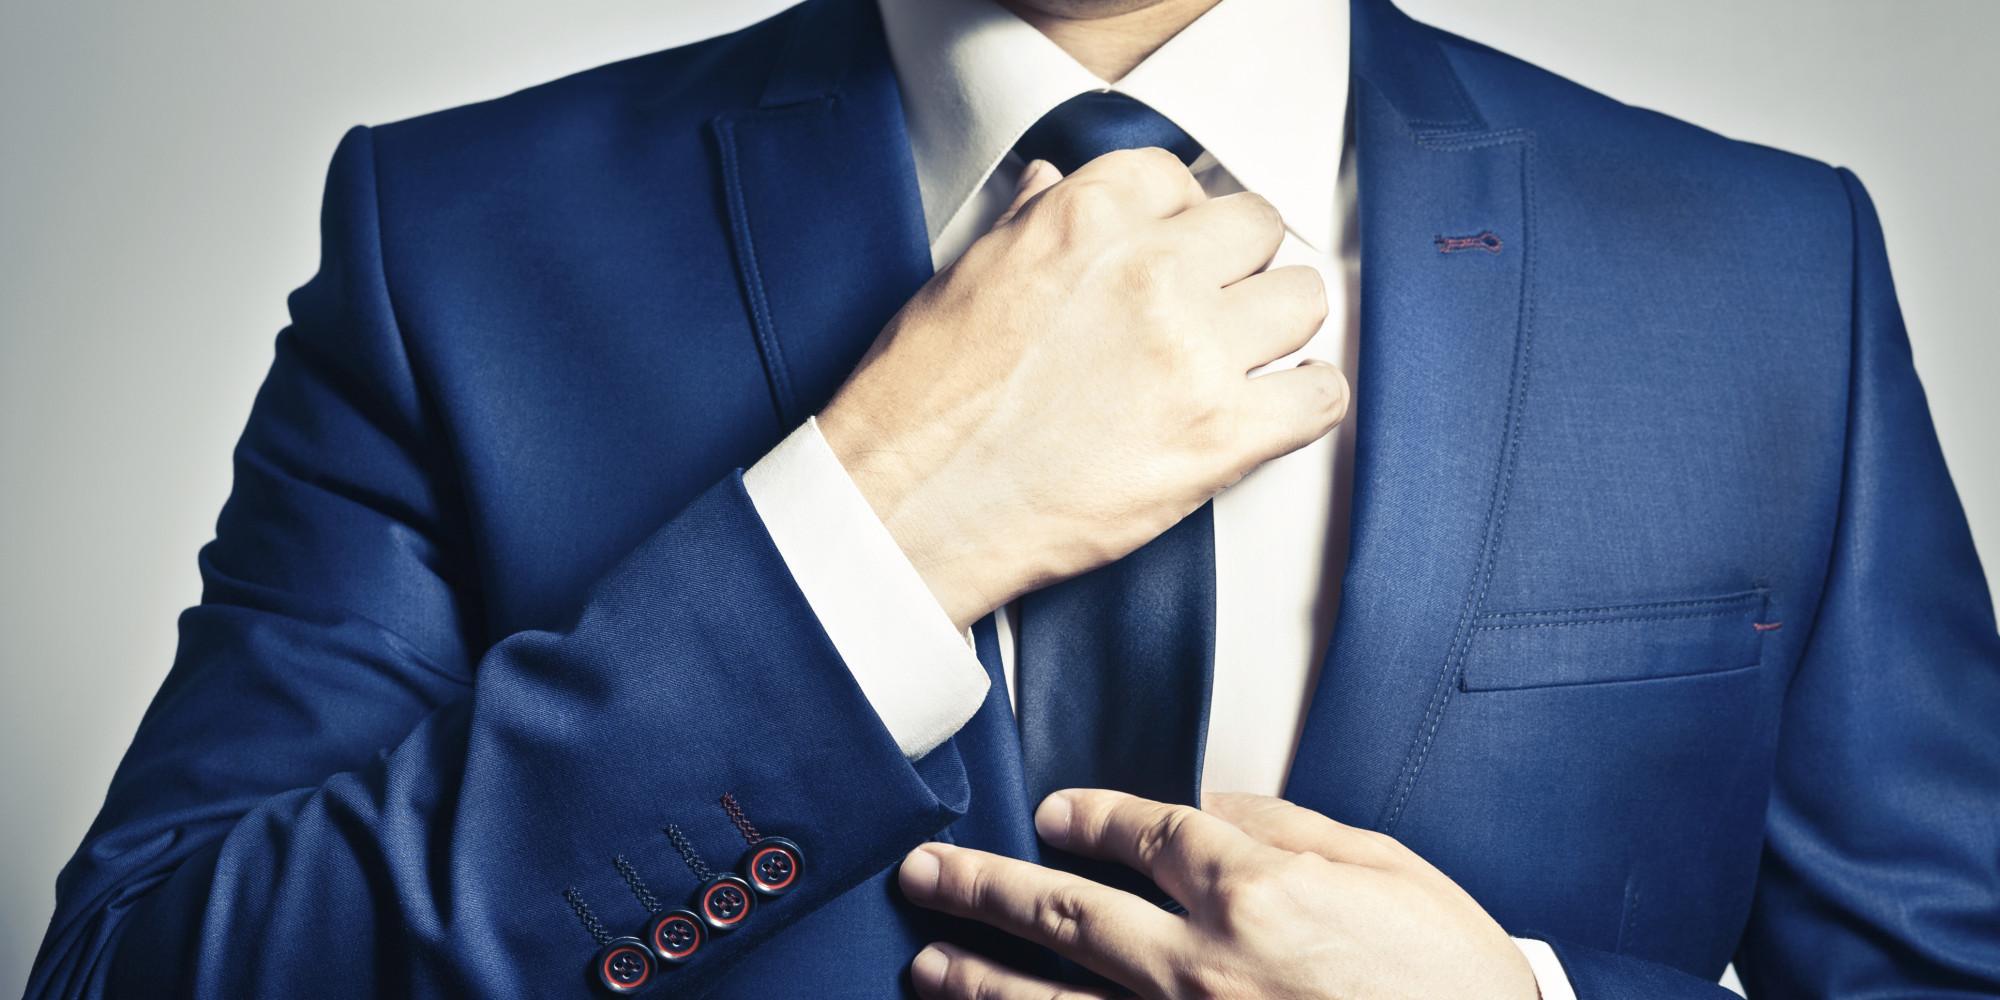 Ученые считают, что галстуки представляют опасность для мужчин